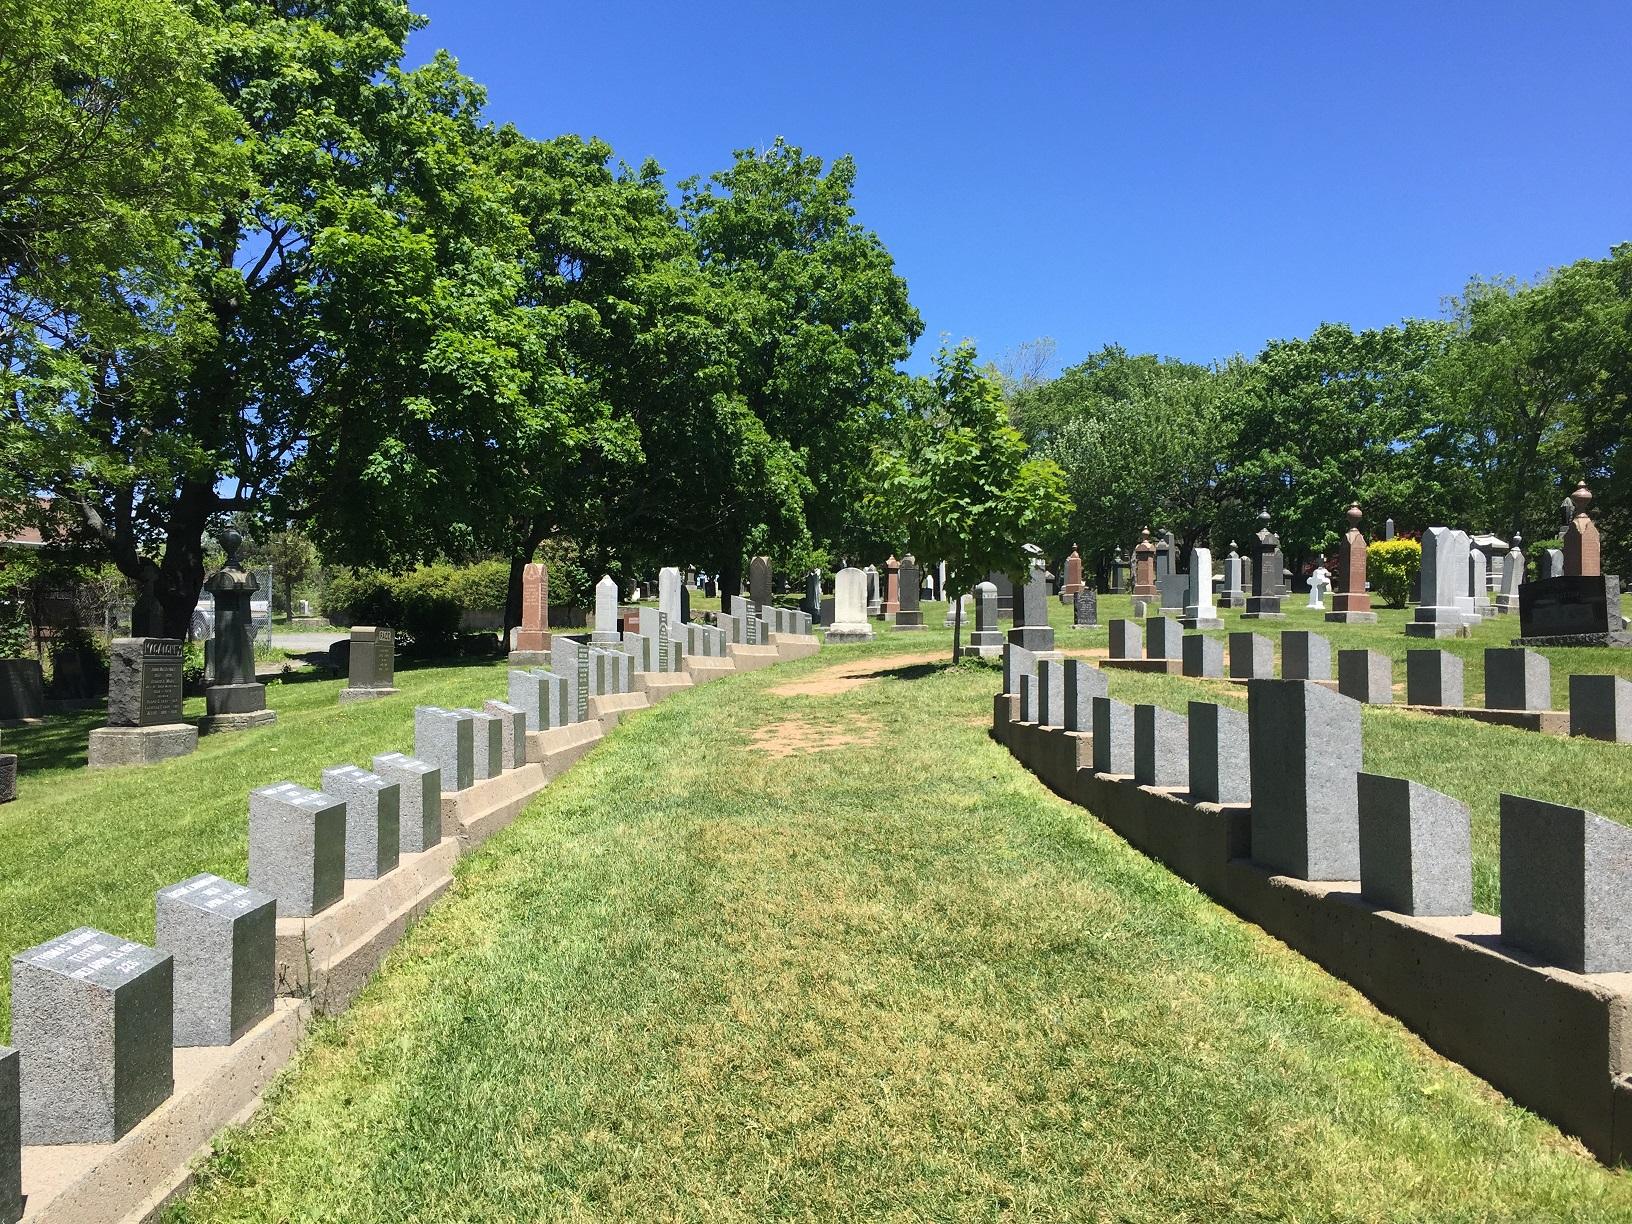 Fairview Lawn Cemetery (c) Stefanie Nake